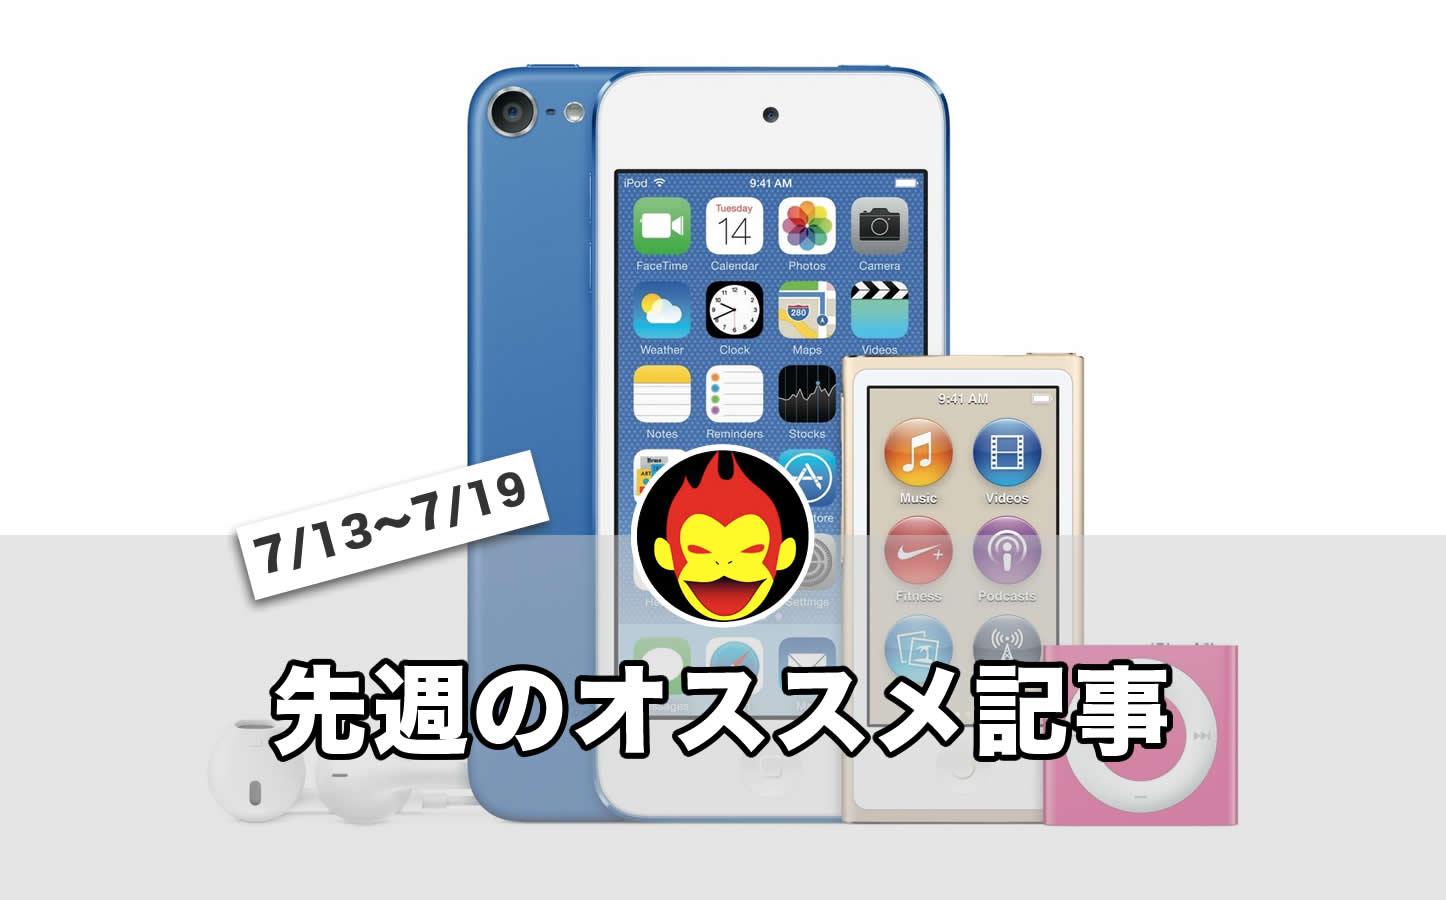 7月13日〜19日のオススメ記事(ゴリミー)